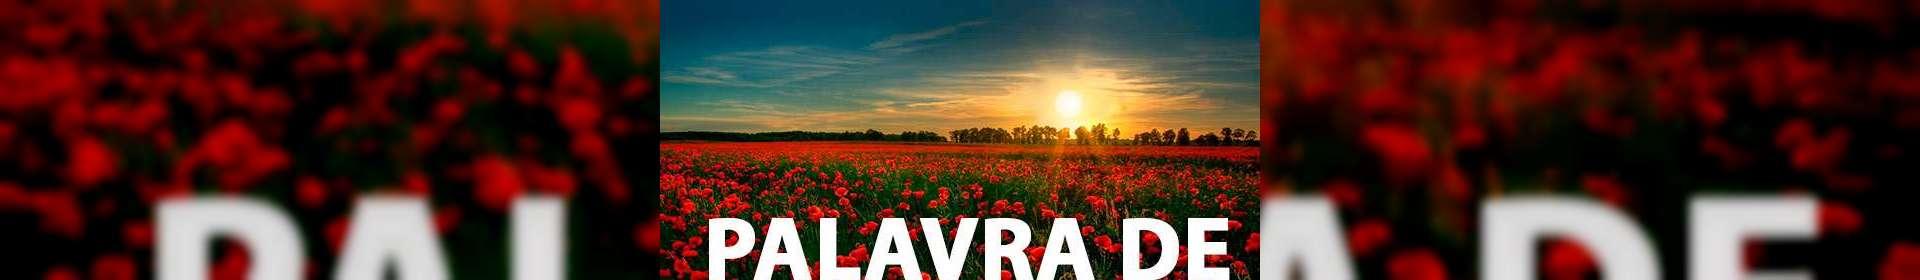 Isaías 6:5 - Uma Palavra de esperança para sua vida